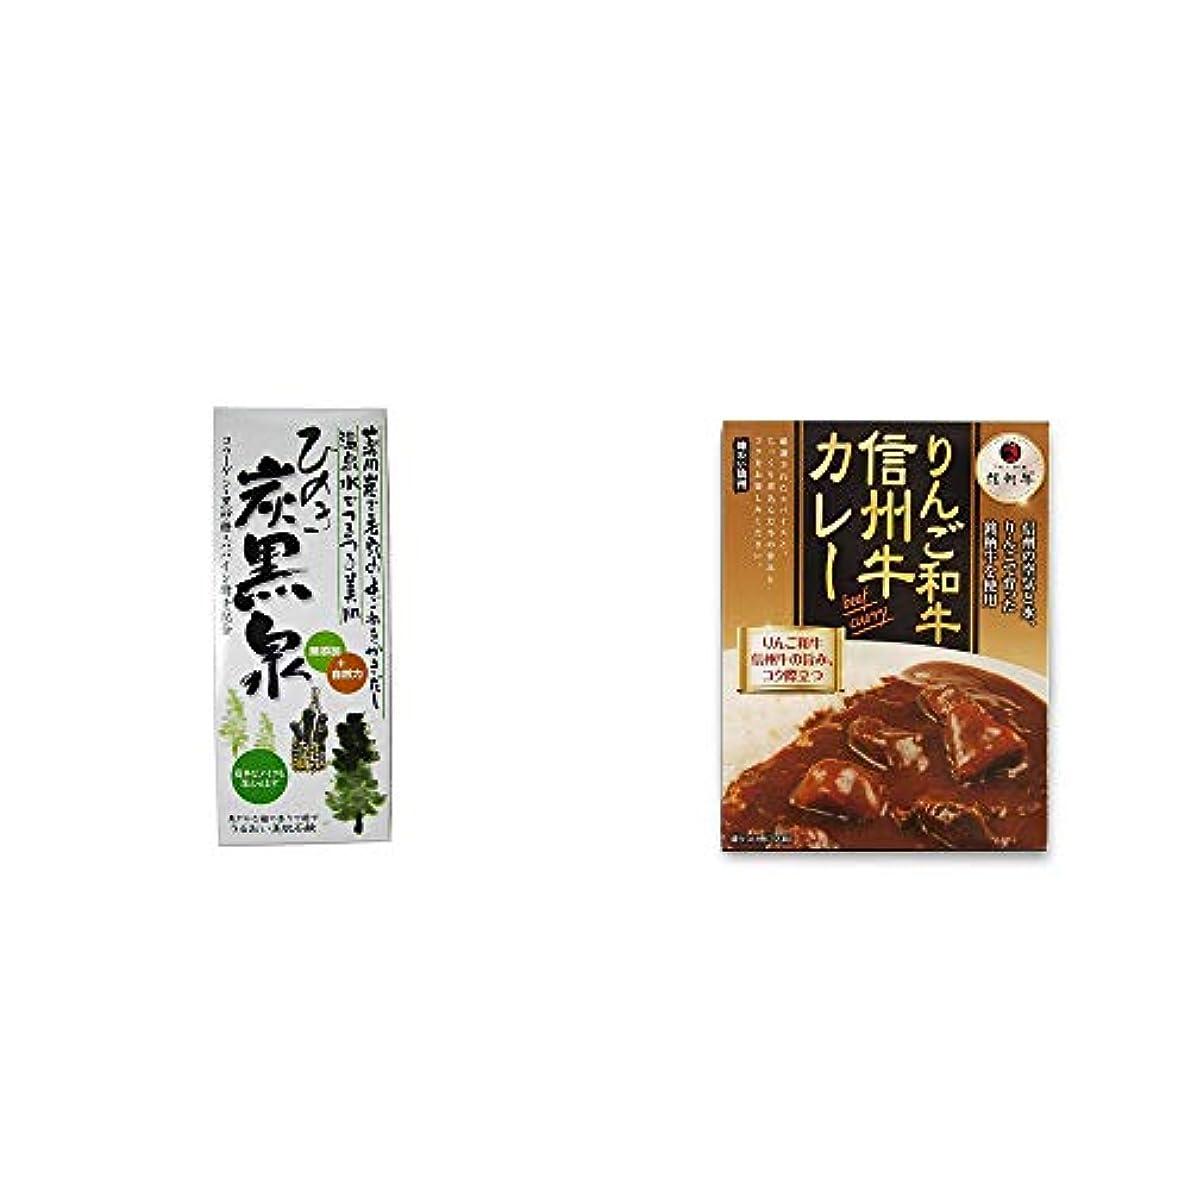 代表してスペアモザイク[2点セット] ひのき炭黒泉 箱入り(75g×3)?りんご和牛 信州牛カレー(1食分)